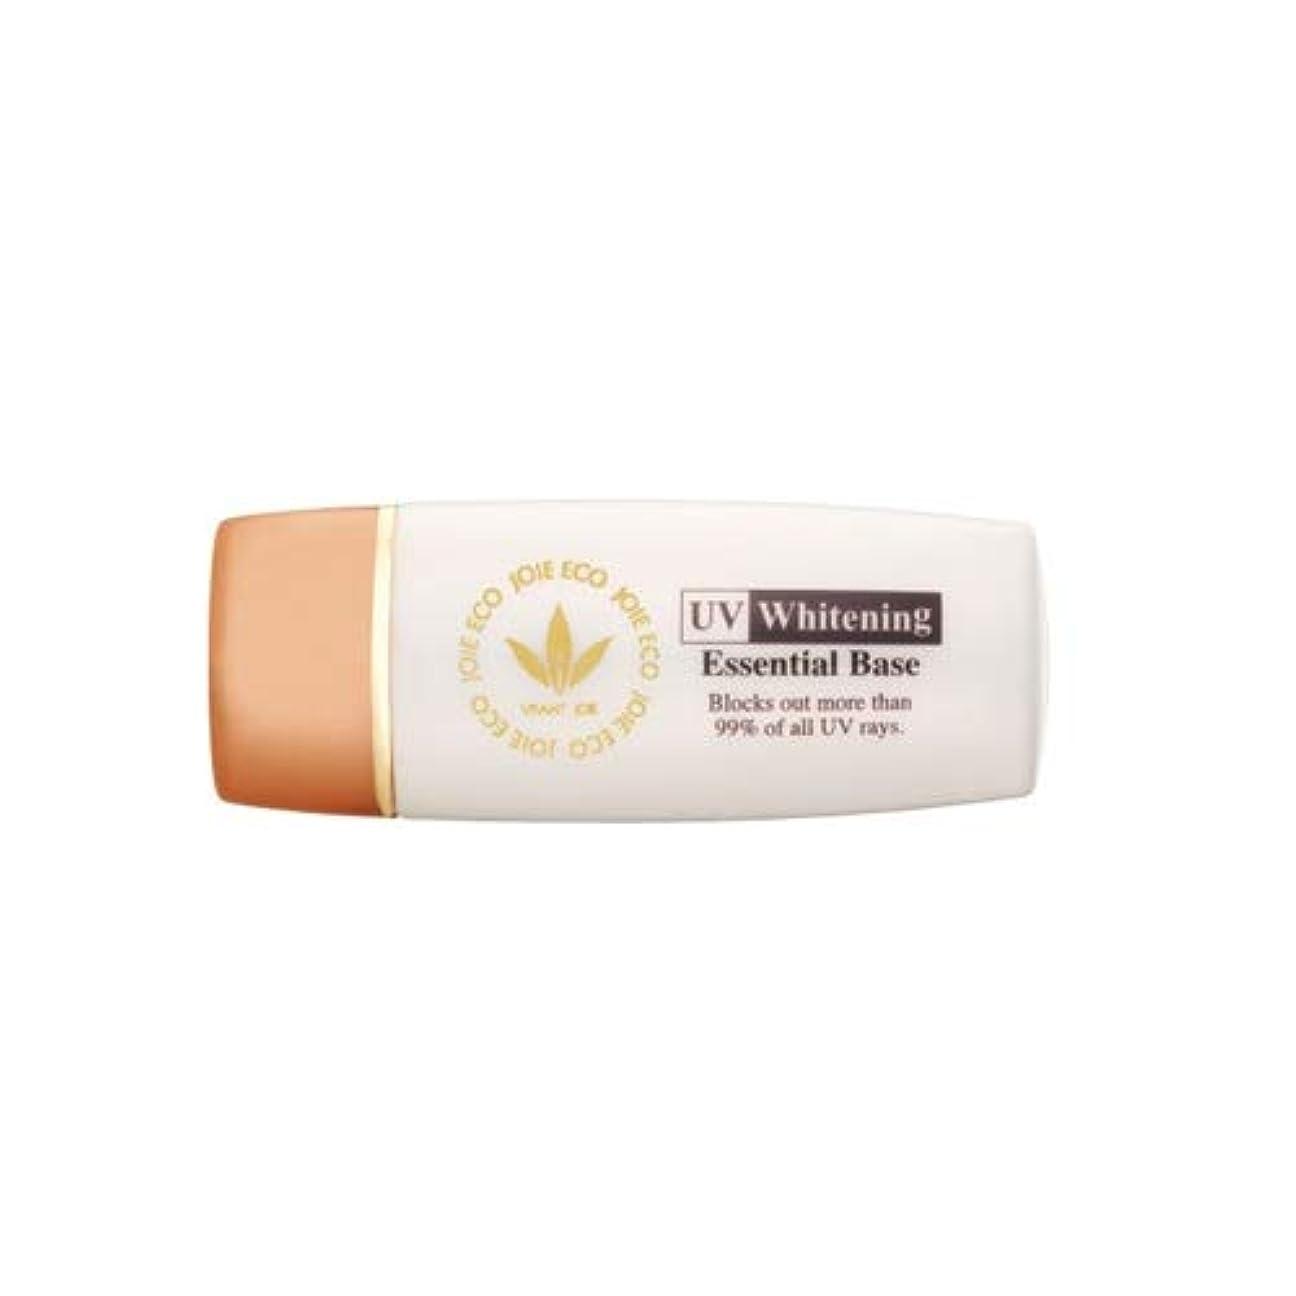 コットン腐敗した成熟ビーバンジョア VIVANTJOIE 「薬用UV美白エッセンシャルベース」 12ml 470AC